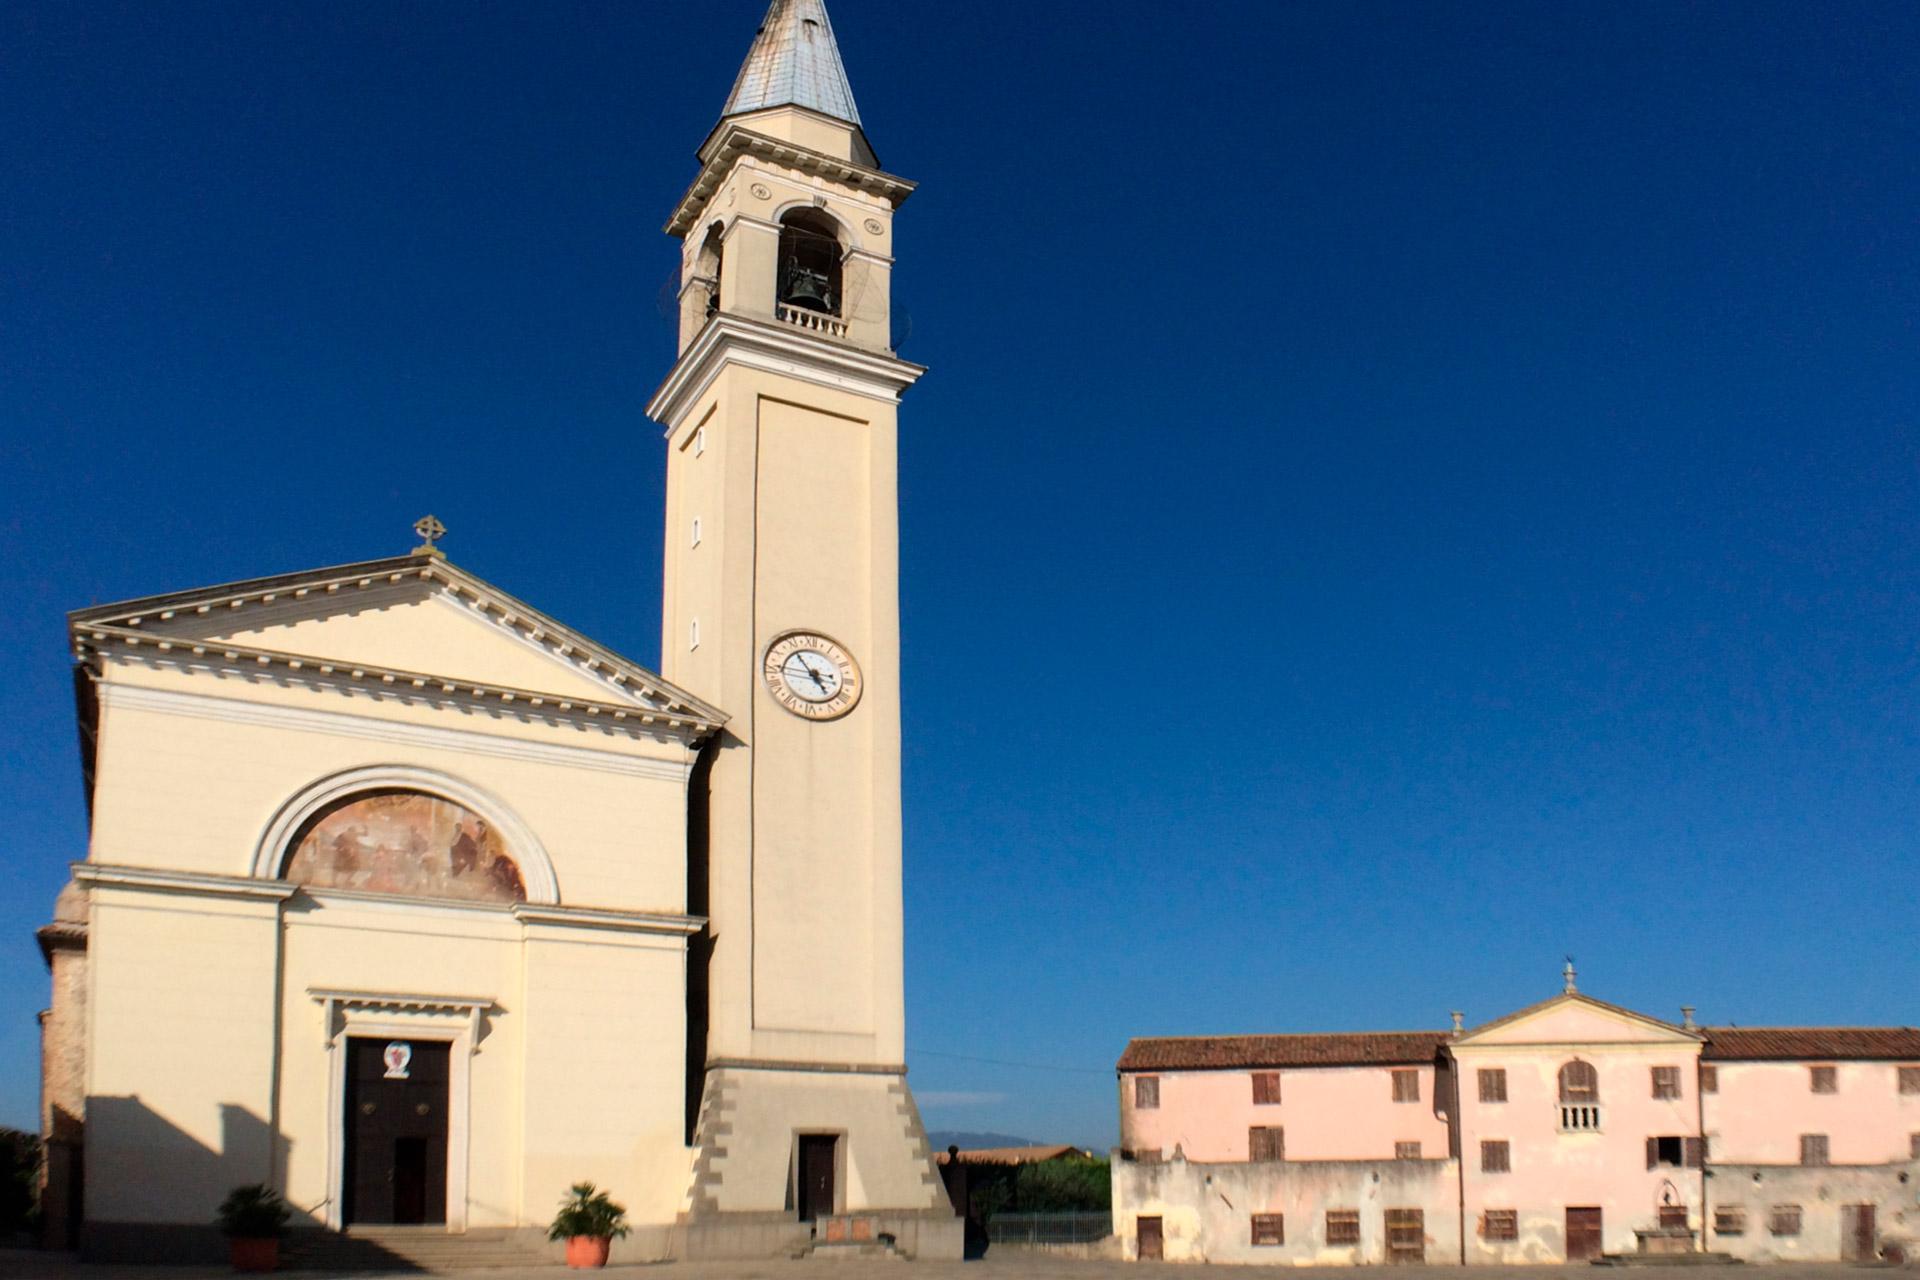 Pernumia_Vista della piazza